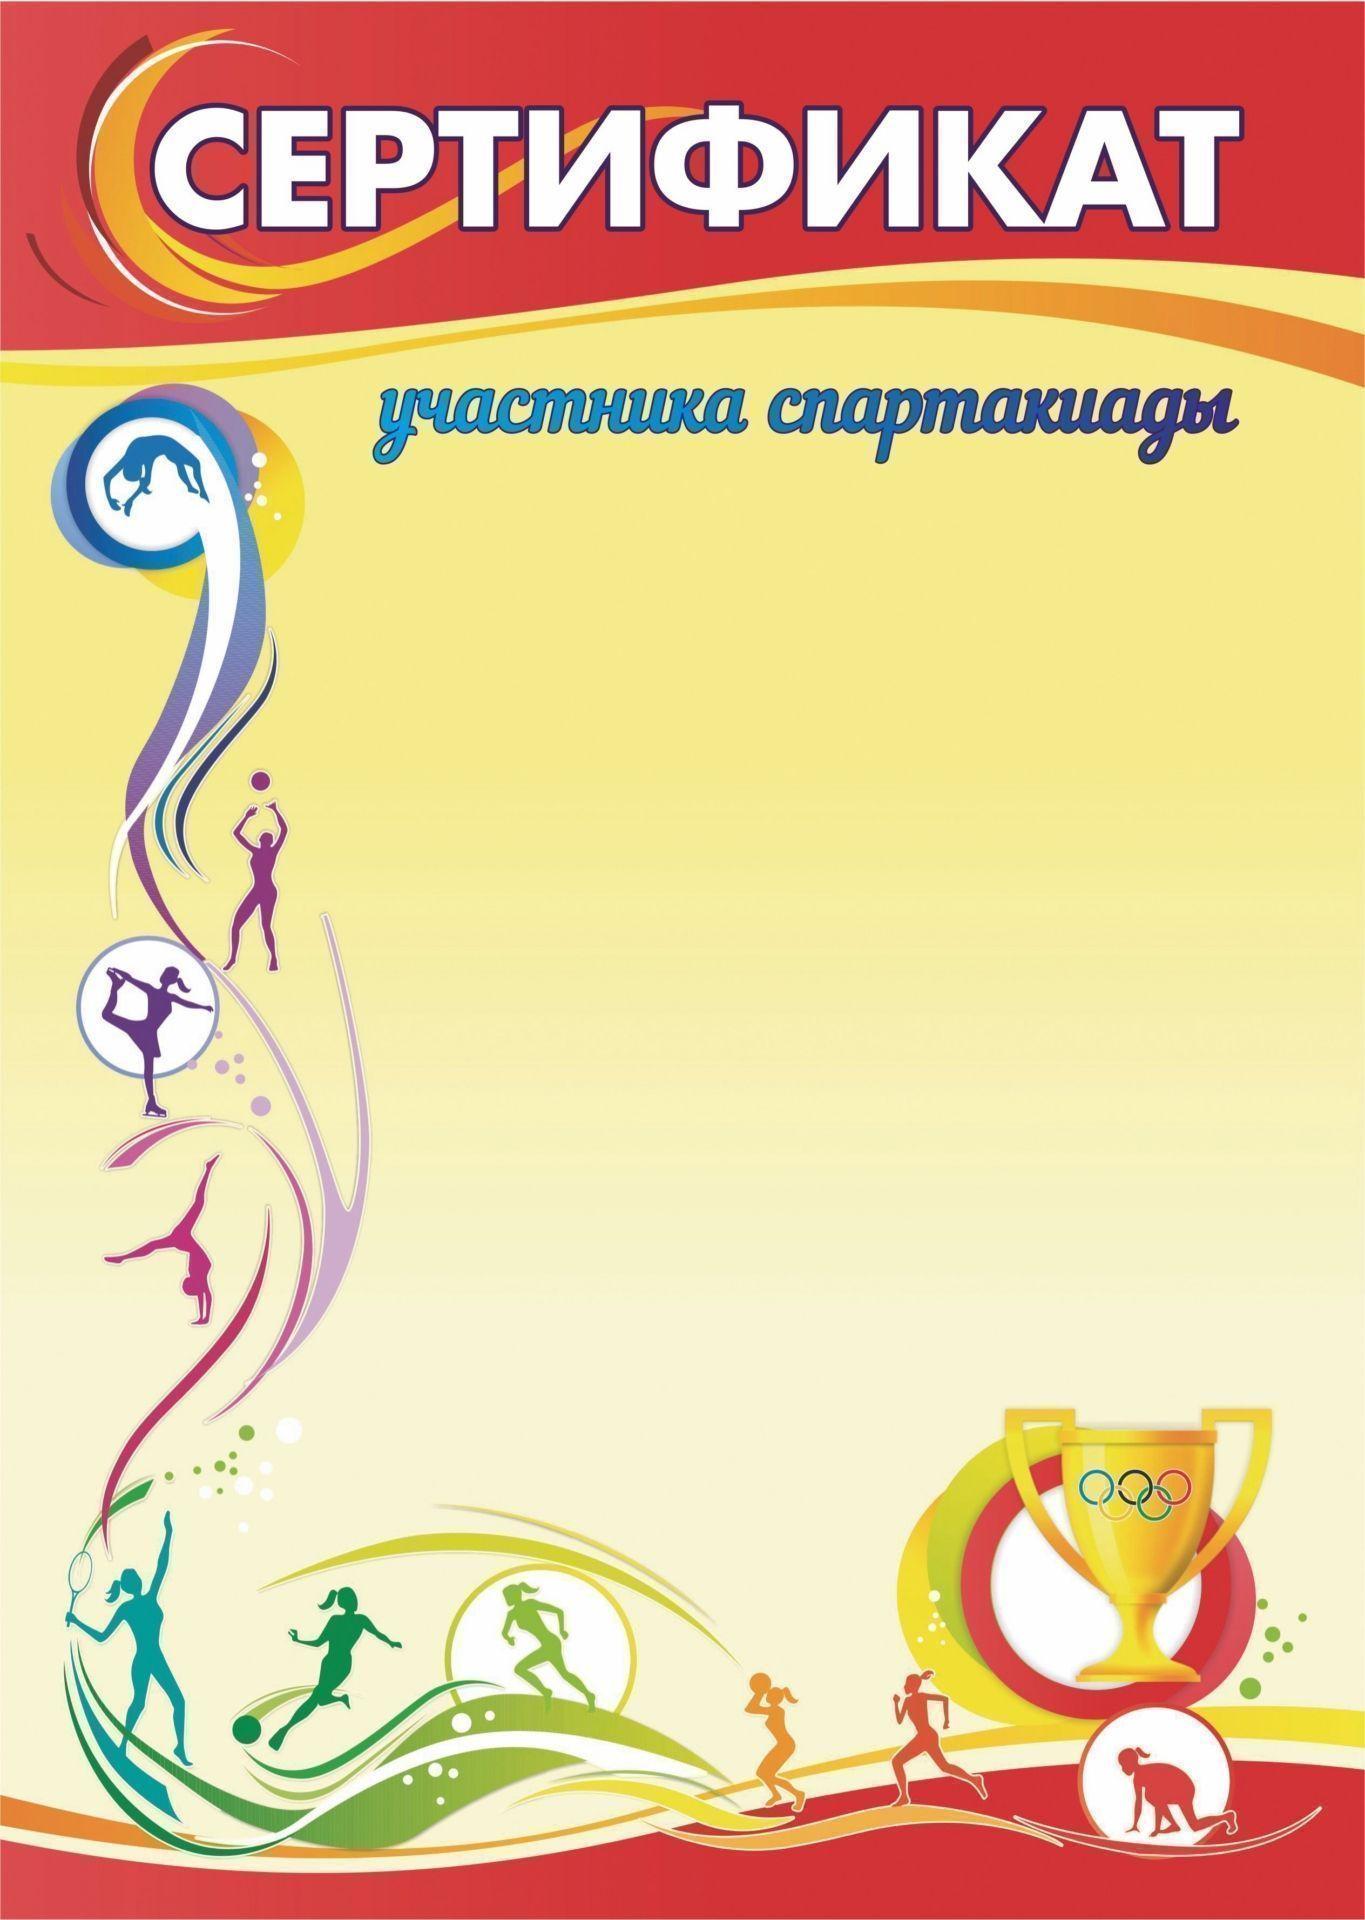 Сертификат участника спартакиадыЗа спортивные достижения<br>Материалы:на обложку - бумага мелованная, пл. 250.00.<br><br>Год: 2017<br>Высота: 297<br>Ширина: 210